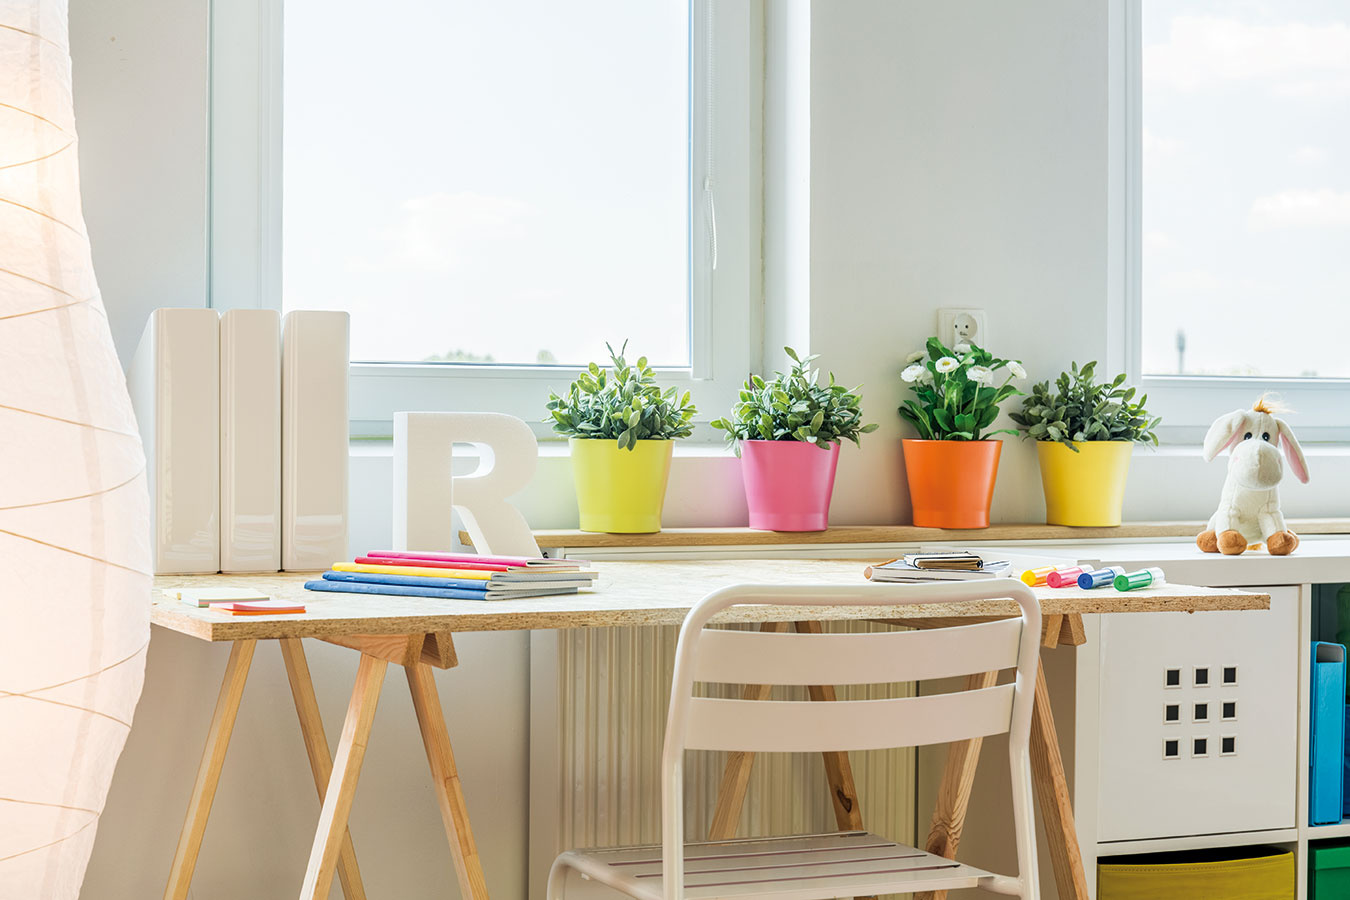 Hravým prvkom vdetskom interiéri môžu byť aj vhodne zvolené kvetináče aobalové nádoby vživých farbách.